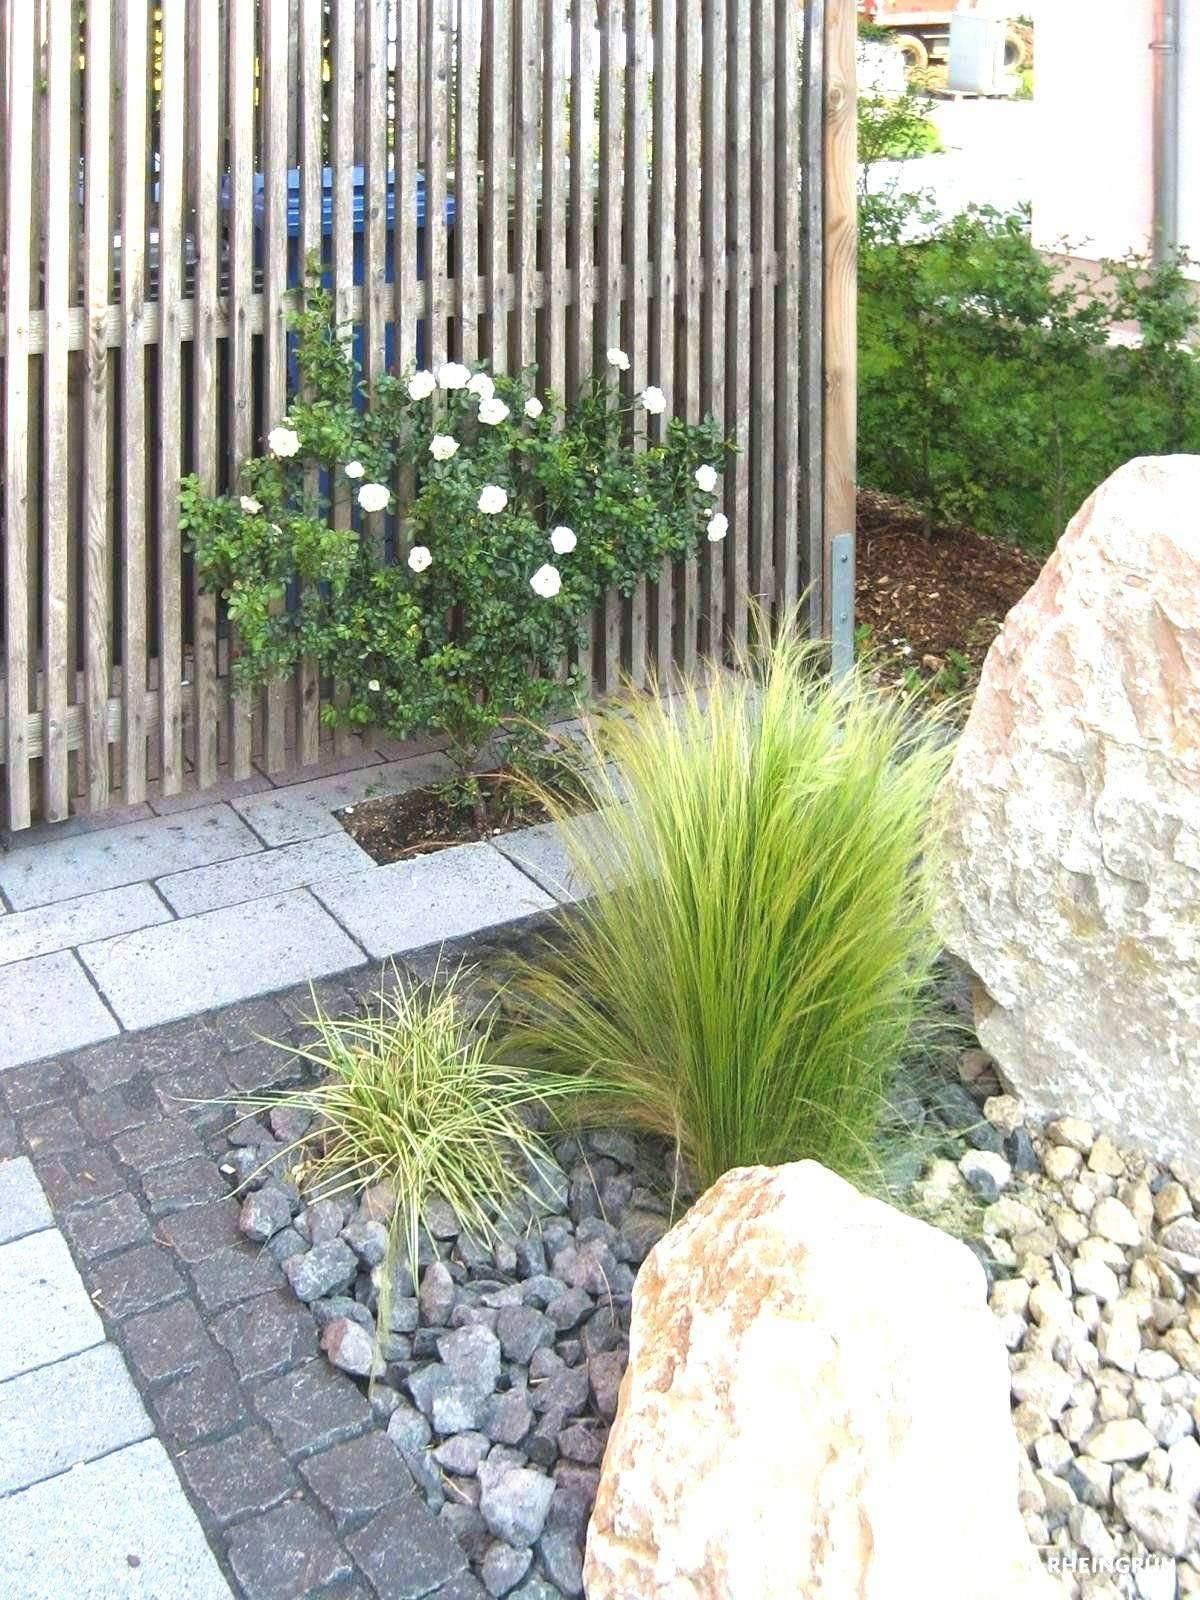 Baum Deko Garten Inspirierend 30 Neu Sitzplatz Garten Kies Neu